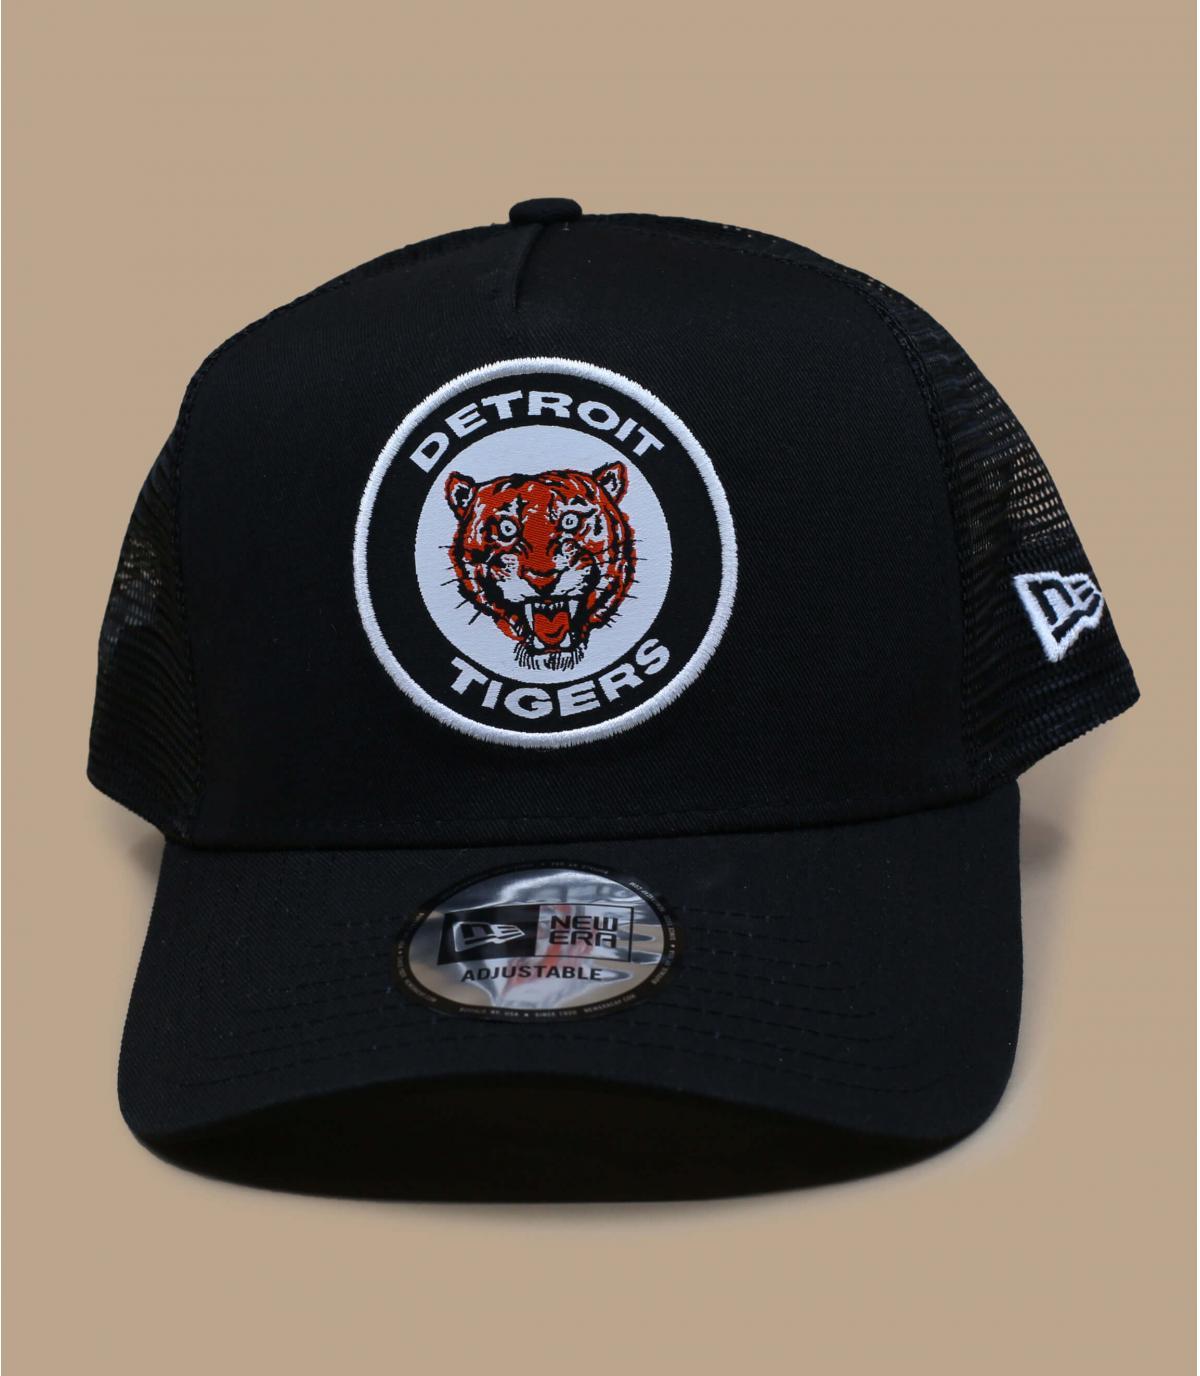 Detalles Trucker cooperstown Heritage Tigers imagen 2